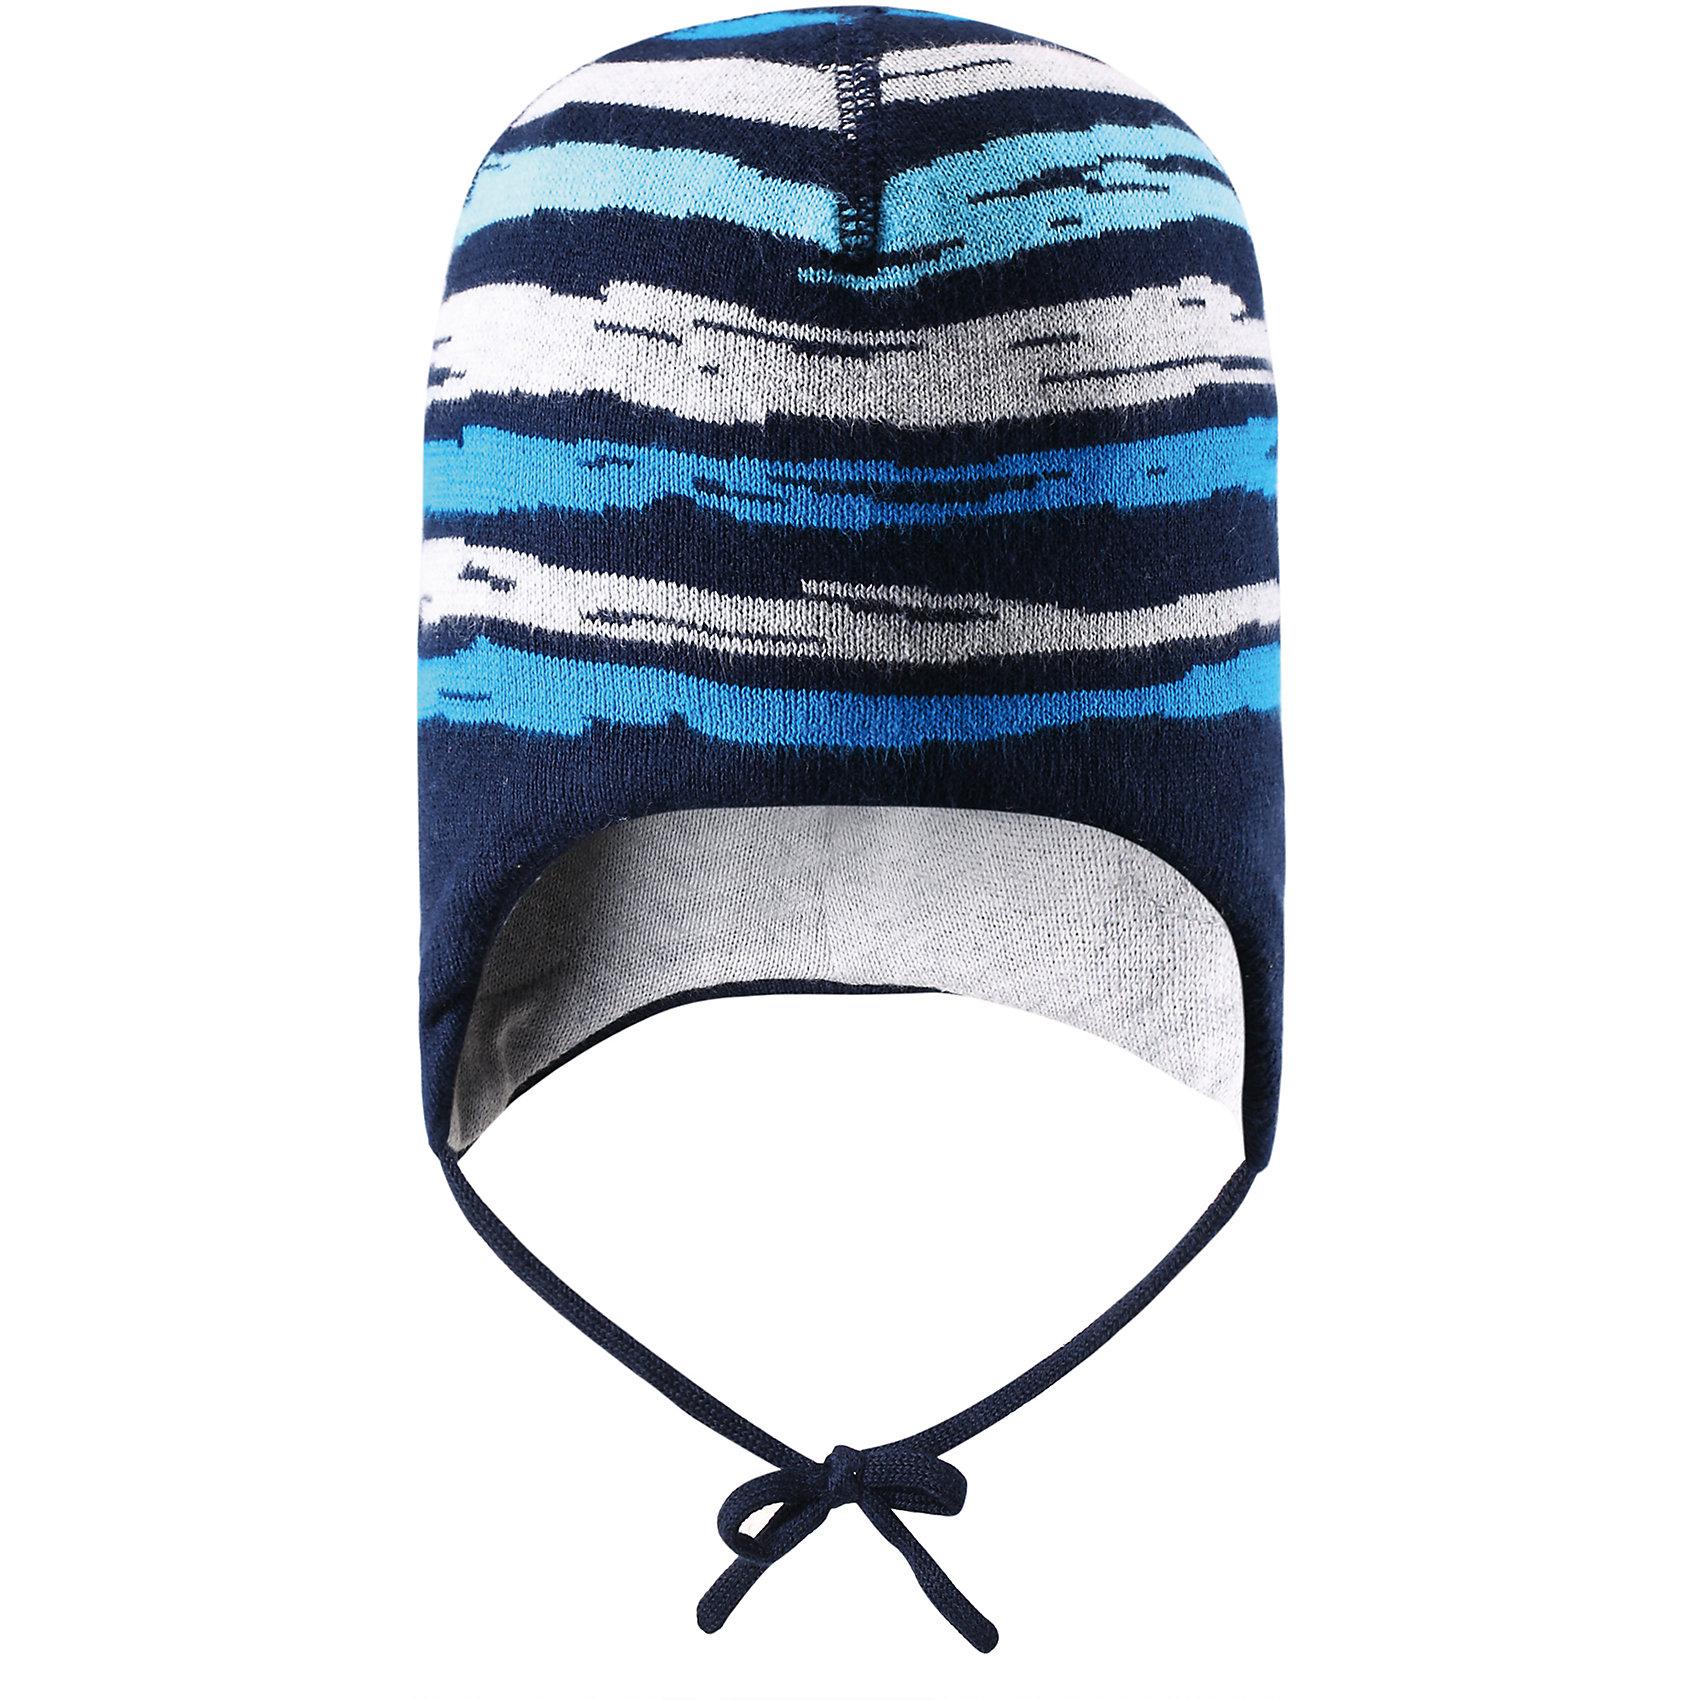 Шапка для мальчика ReimaПолоска всегда в моде! Эта спортивная шапочка для малышей изготовлена из дышащего вязаного хлопка, который обеспечит максимальный комфорт в теплую весеннюю пору.  Великолепный аксессуар, который придаст изюминку любому наряду!<br><br>Дополнительная информация:<br><br>Шапка «Бини» для малышей<br>Эластичная хлопчатобумажная ткань<br>Ветронепроницаемые вставки в области ушей<br>Частичная подкладка: хлопчатобумажная ткань<br>Логотип Reima® сзади<br>Состав:<br>100% хлопок<br>Уход:<br>Стирать по отдельности, вывернув наизнанку. Придать первоначальную форму вo влажном виде. Возможна усадка 5 %.<br><br>Ширина мм: 89<br>Глубина мм: 117<br>Высота мм: 44<br>Вес г: 155<br>Цвет: синий<br>Возраст от месяцев: 9<br>Возраст до месяцев: 12<br>Пол: Мужской<br>Возраст: Детский<br>Размер: 48,50,52,46<br>SKU: 4498075